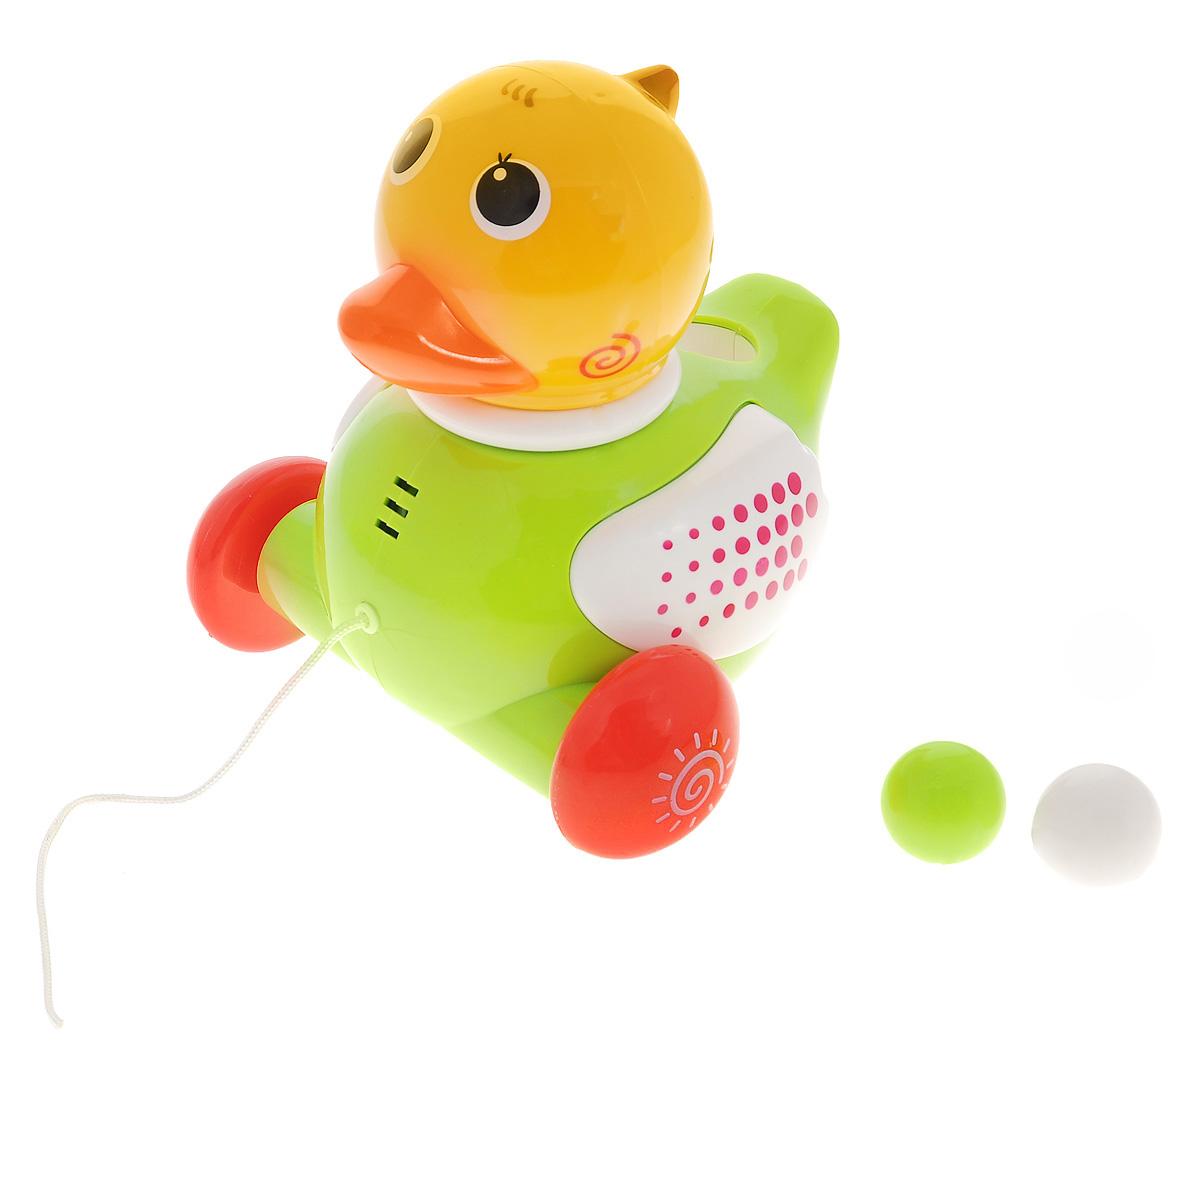 Малышарики Развивающая игрушка Музыкальная уточка цвет салатовыйMSH0303-015Развивающая игрушка Малышарики Музыкальная уточка - это не только веселая, но и полезная игрушка для малыша, которая не позволит ему скучать. С такой игрушкой малыш сможет познакомиться с миром звуков, а благодаря ярким световым и звуковым эффектам, игра будет еще интереснее. Игрушка выполнена из безопасного прочного пластика ярких цветов в виде забавной уточки. В комплект также входит шнурок для уточки и 2 шарика-яйца. Опустите шарик в специальное отверстие на корпусе игрушки, и она издаст забавный звук. Также малыш может катать уточку за собой - игрушка будет забавно качать головой, крякать и проигрывать веселую мелодию. Игры с такой игрушкой развивают мелкую моторику, концентрацию внимания, творческие способности, слуховое восприятие и координацию движений малыша. Необходимо докупить 2 батарейки напряжением 1,5V типа АА (в комплект не входят).